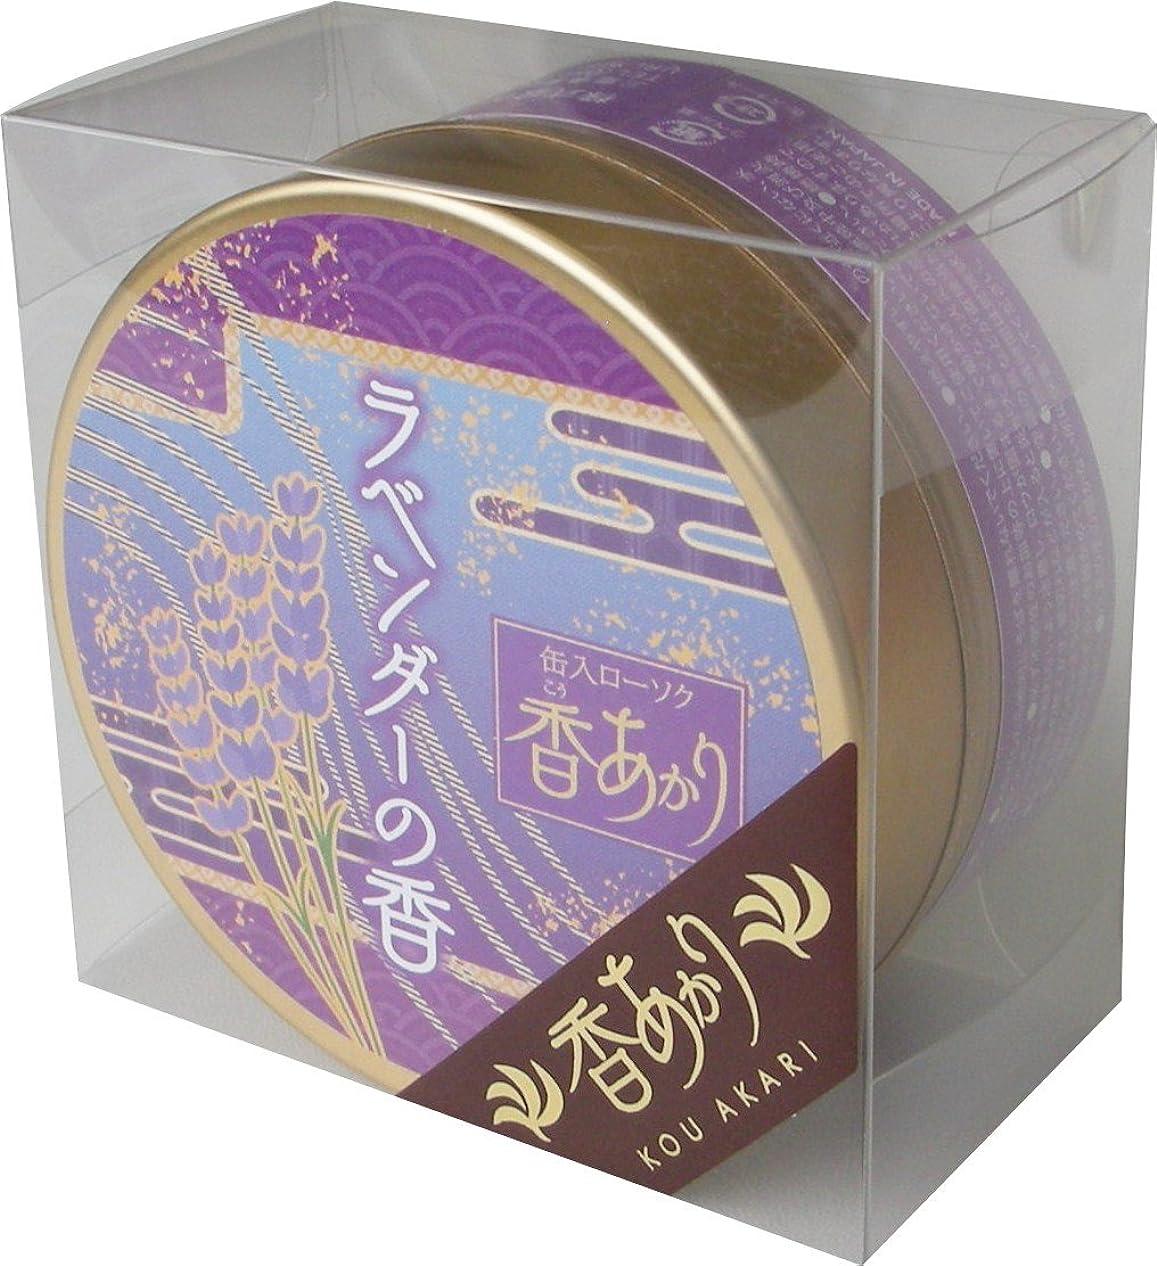 メディック規制簡単な缶入ローソク 香あかり ラベンダーの香